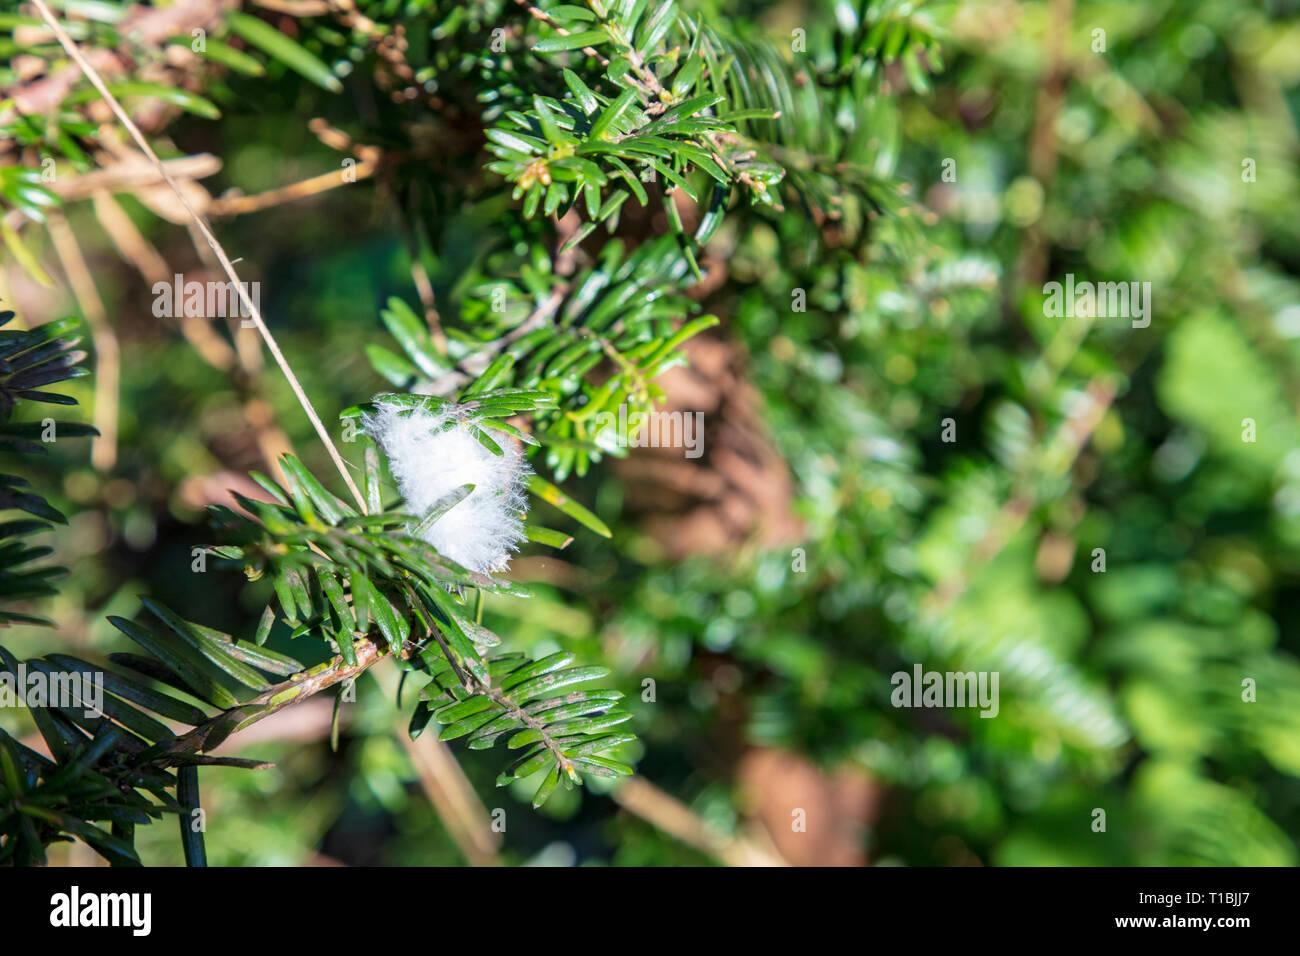 Une plume d'oiseau blanc duveteux des bâtons pour les aiguilles d'une haie d'If dans un chalet jardin dans le Kent, UK Photo Stock